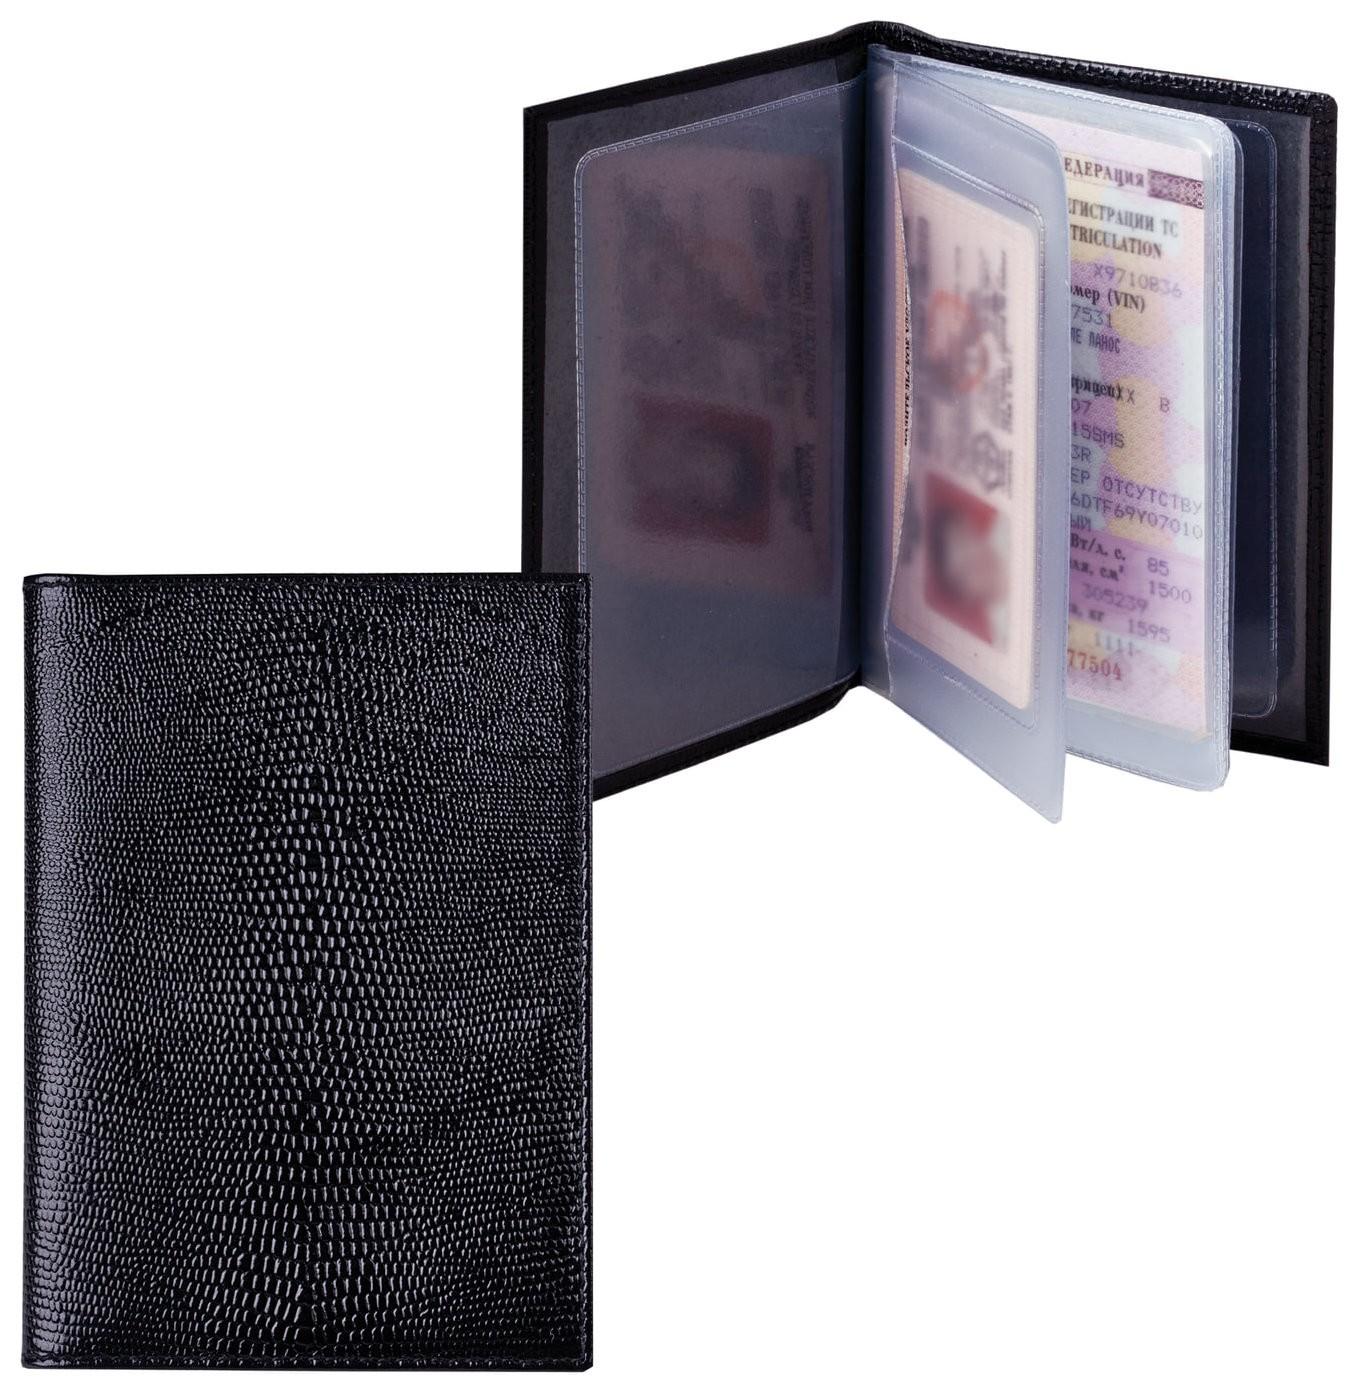 """Бумажник водителя Befler """"Ящерица"""", натуральная кожа, тиснение, 6 пластиковых карманов, черный, Bv.1-3  Befler"""